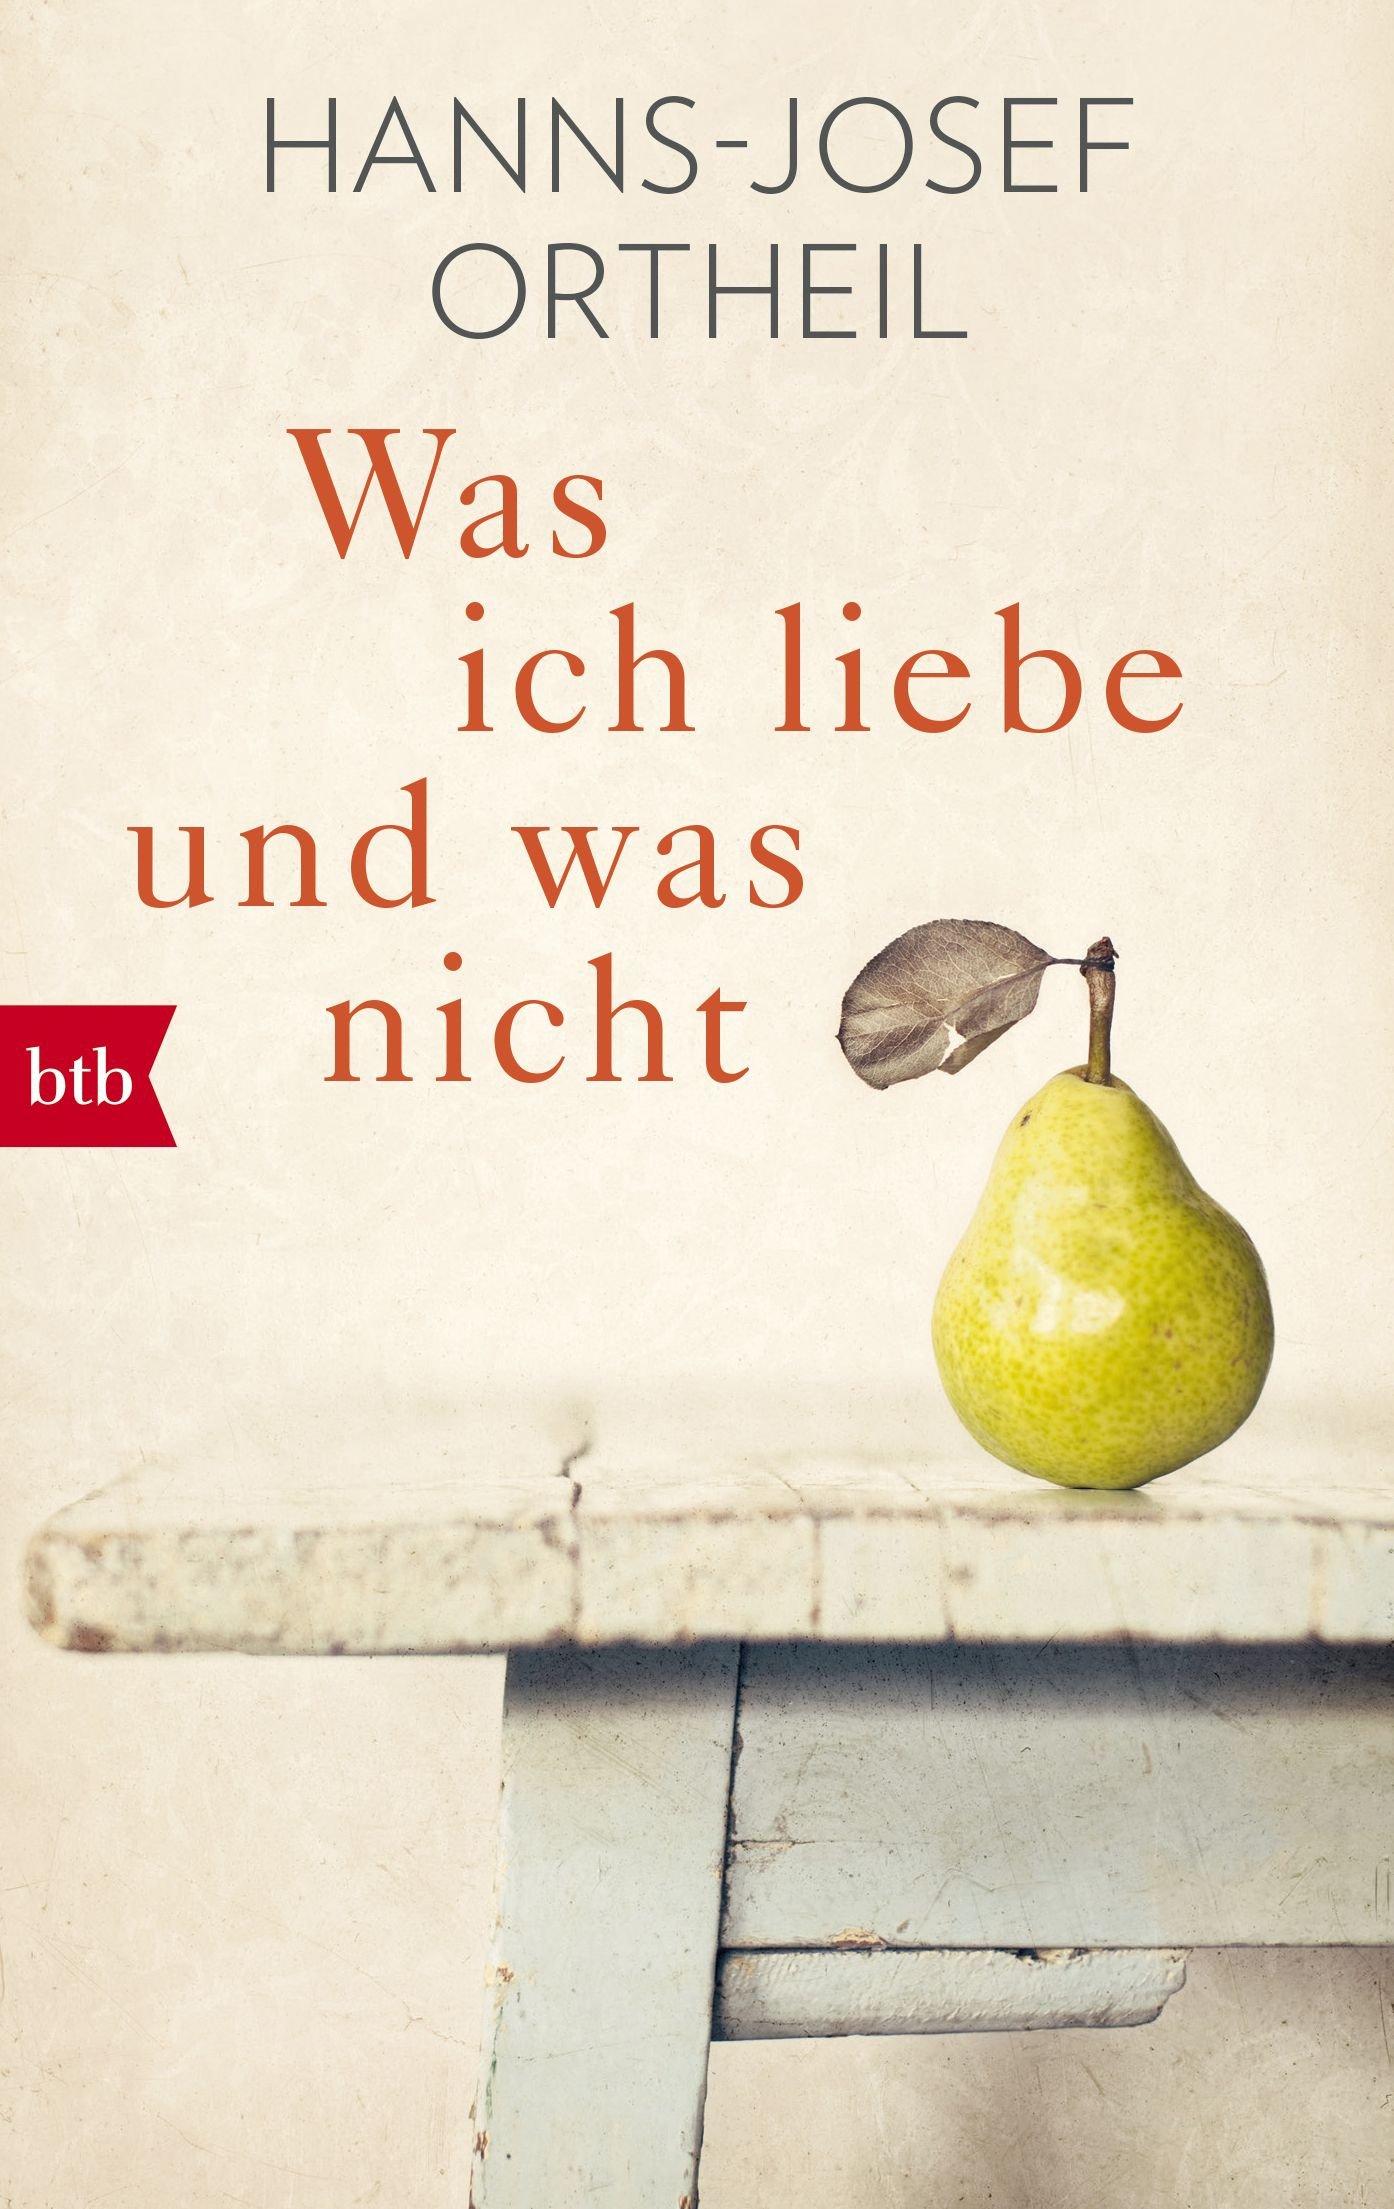 Was ich liebe - und was nicht Taschenbuch – 10. September 2018 Hanns-Josef Ortheil btb Verlag 3442716888 Deutschland